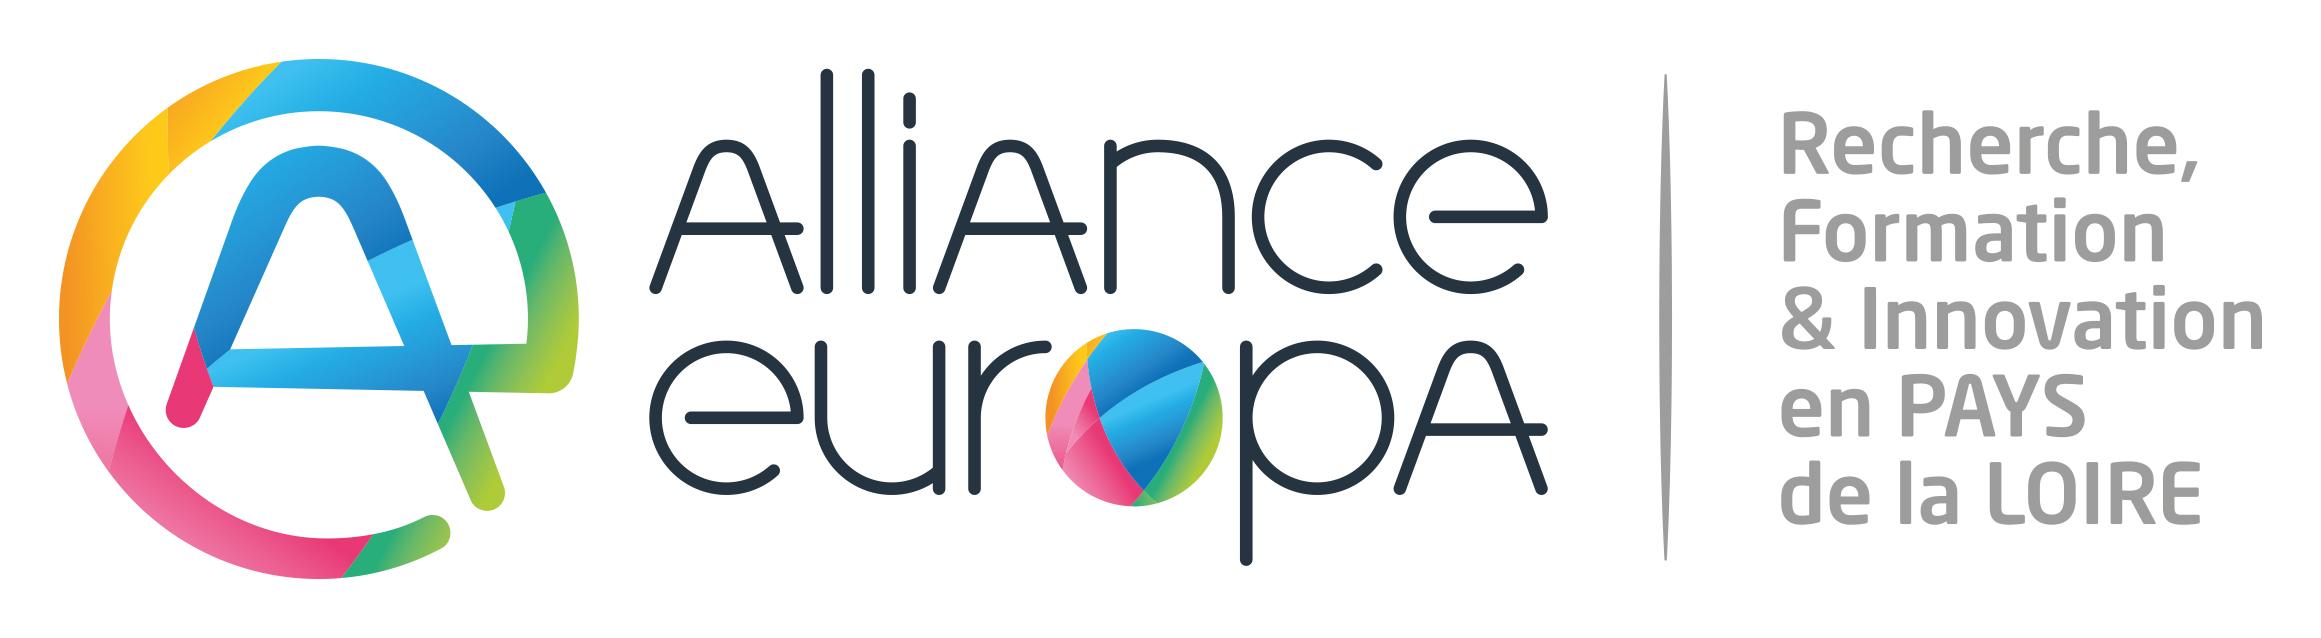 recherche formation innovation pays de la loire alliance europa logo